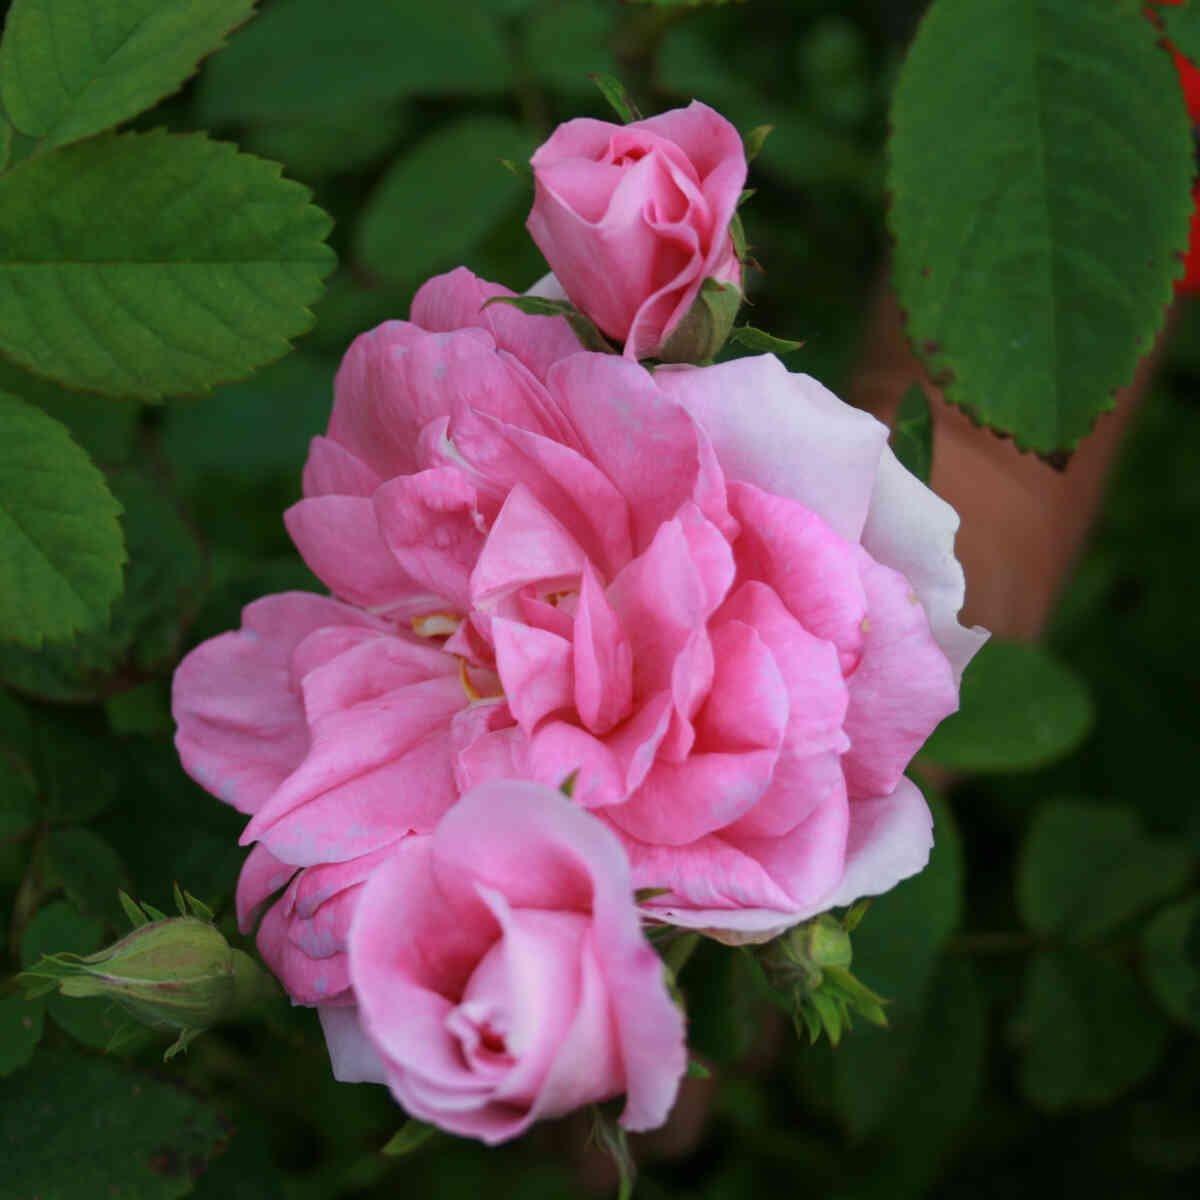 Mosrose - Rose 'Comtesse de Murinais'